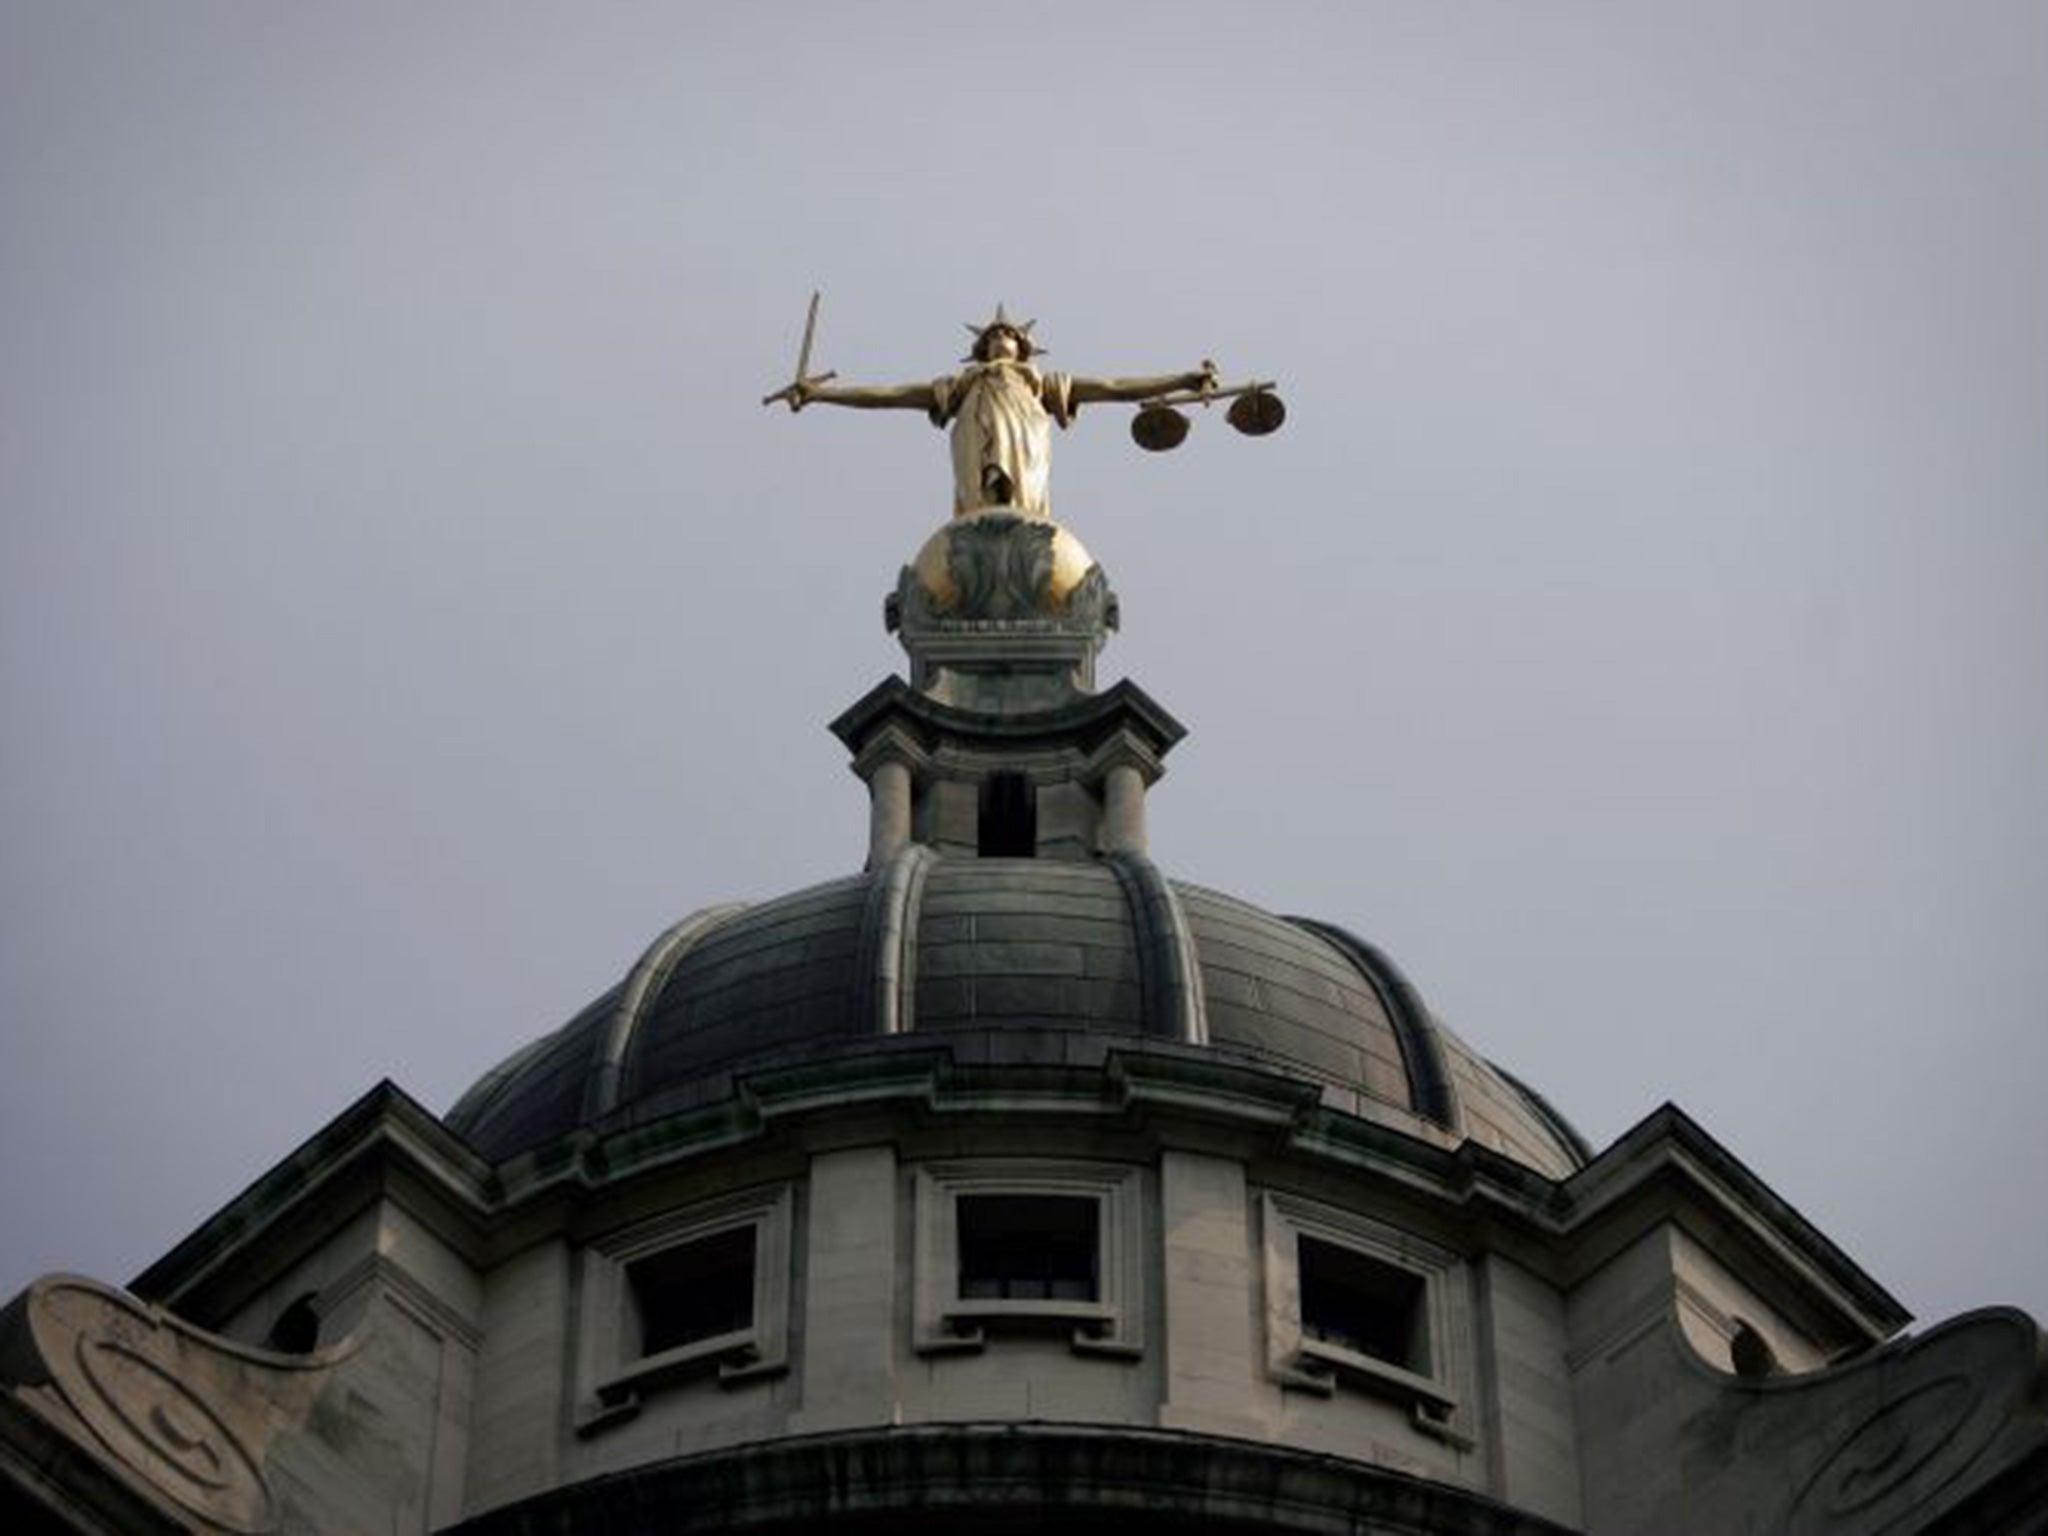 Victims of discrimination 'denied justice' as legal aid cuts create 'David vs Goliath' scenario, report finds